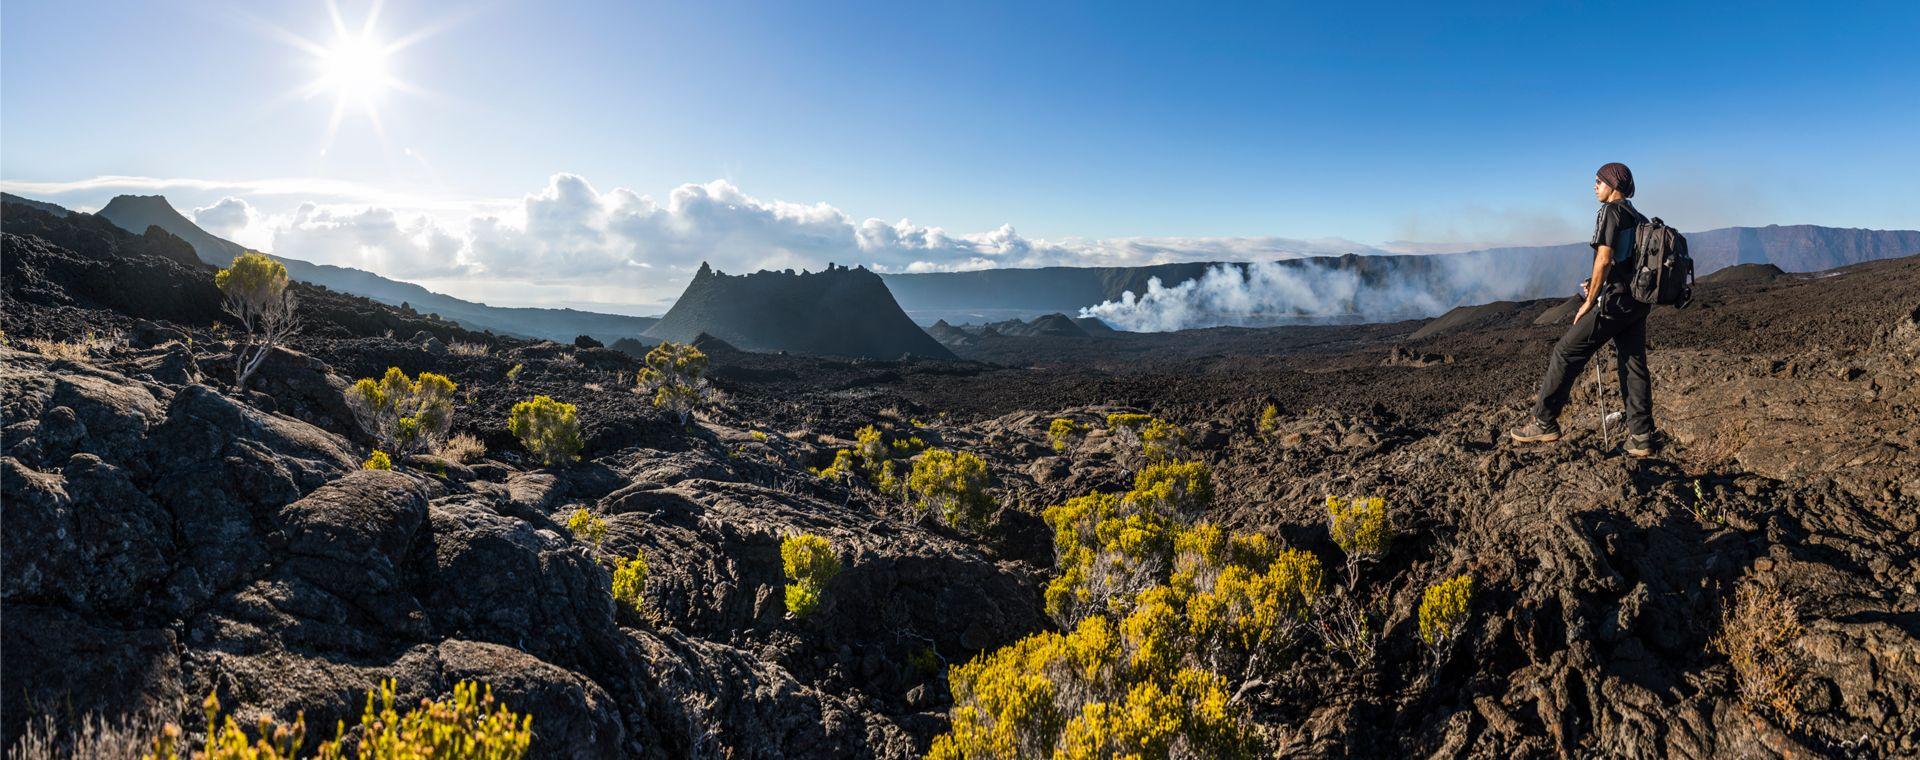 Image Grande traversée de l'île de la Réunion